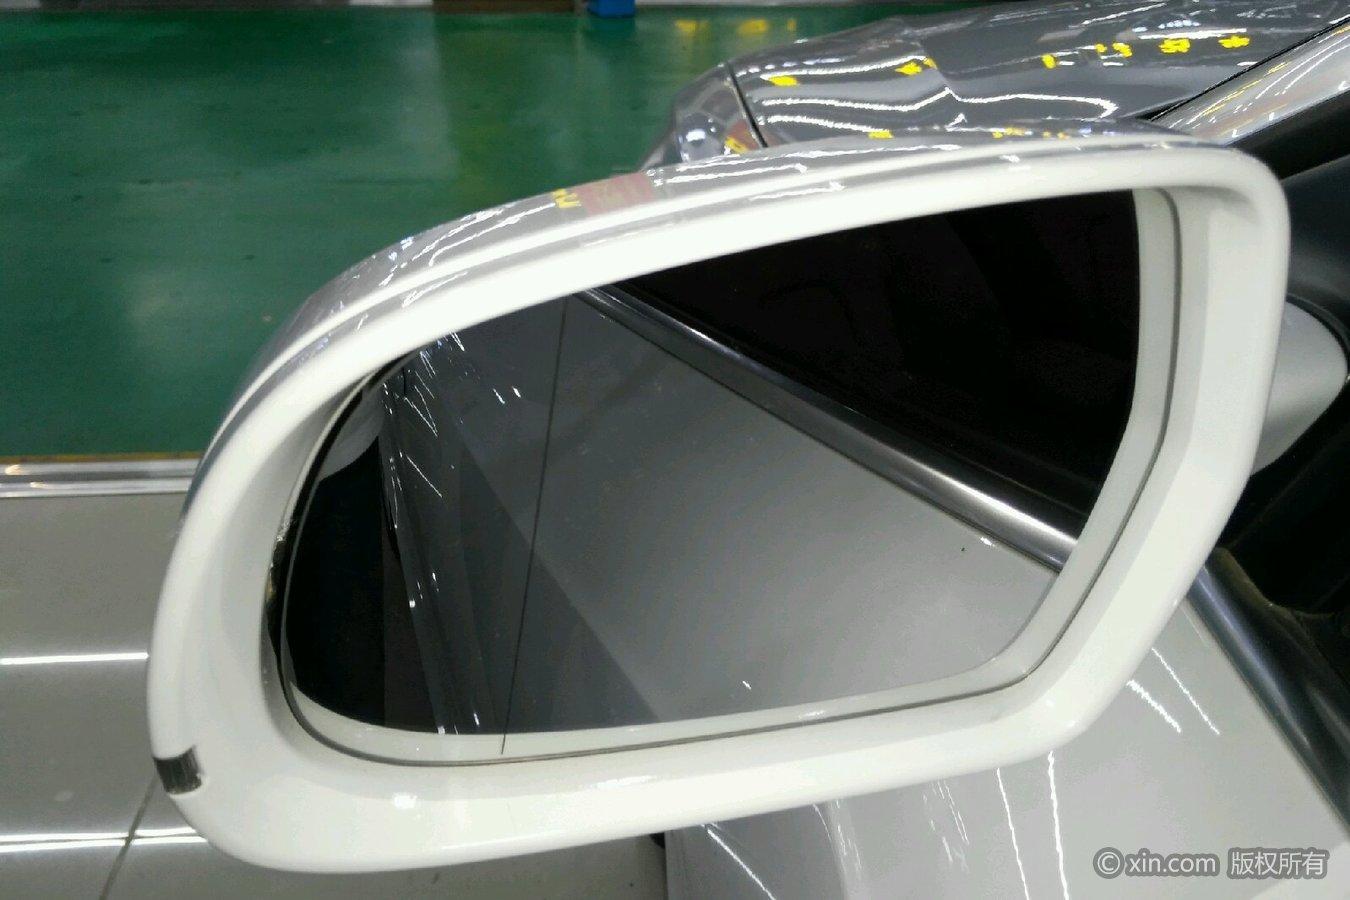 奥迪a5(v机油)后视机油宝马5系发动机盖漏镜面图片